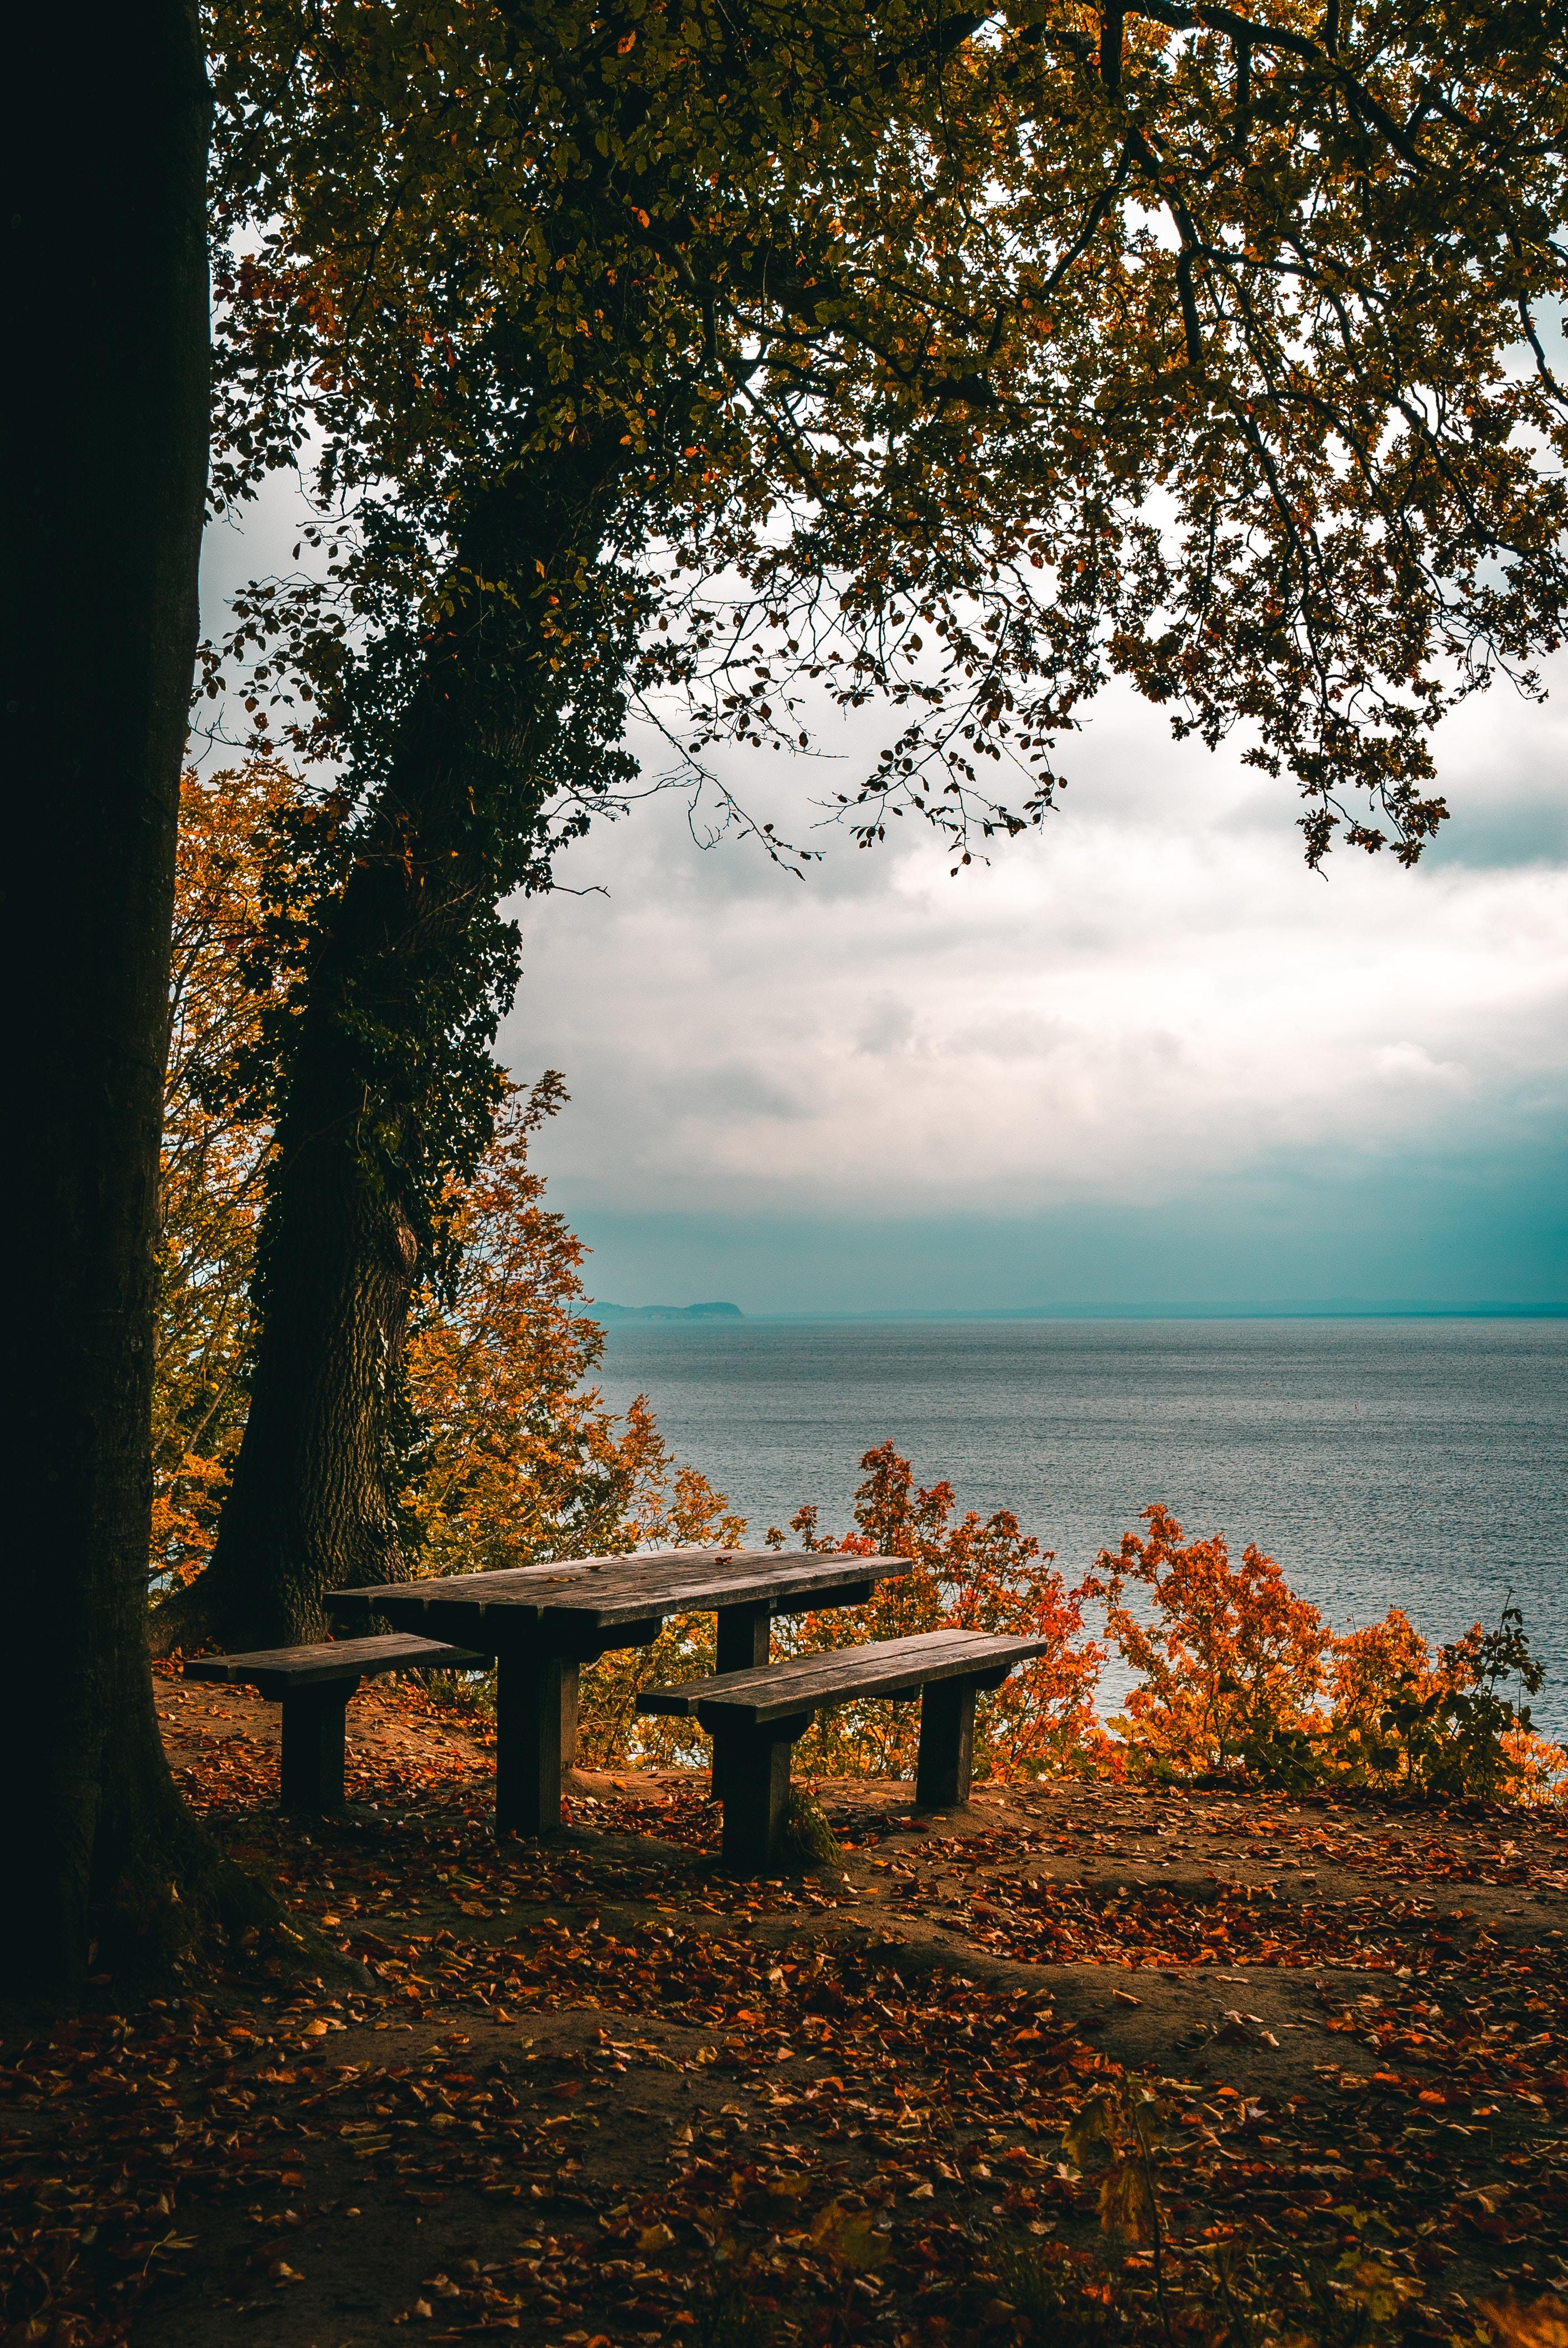 103455 завантажити шпалери Осінь, Листя, Природа, Дерева, Море, Берег, Банк, Стіл, Лавки - заставки і картинки безкоштовно